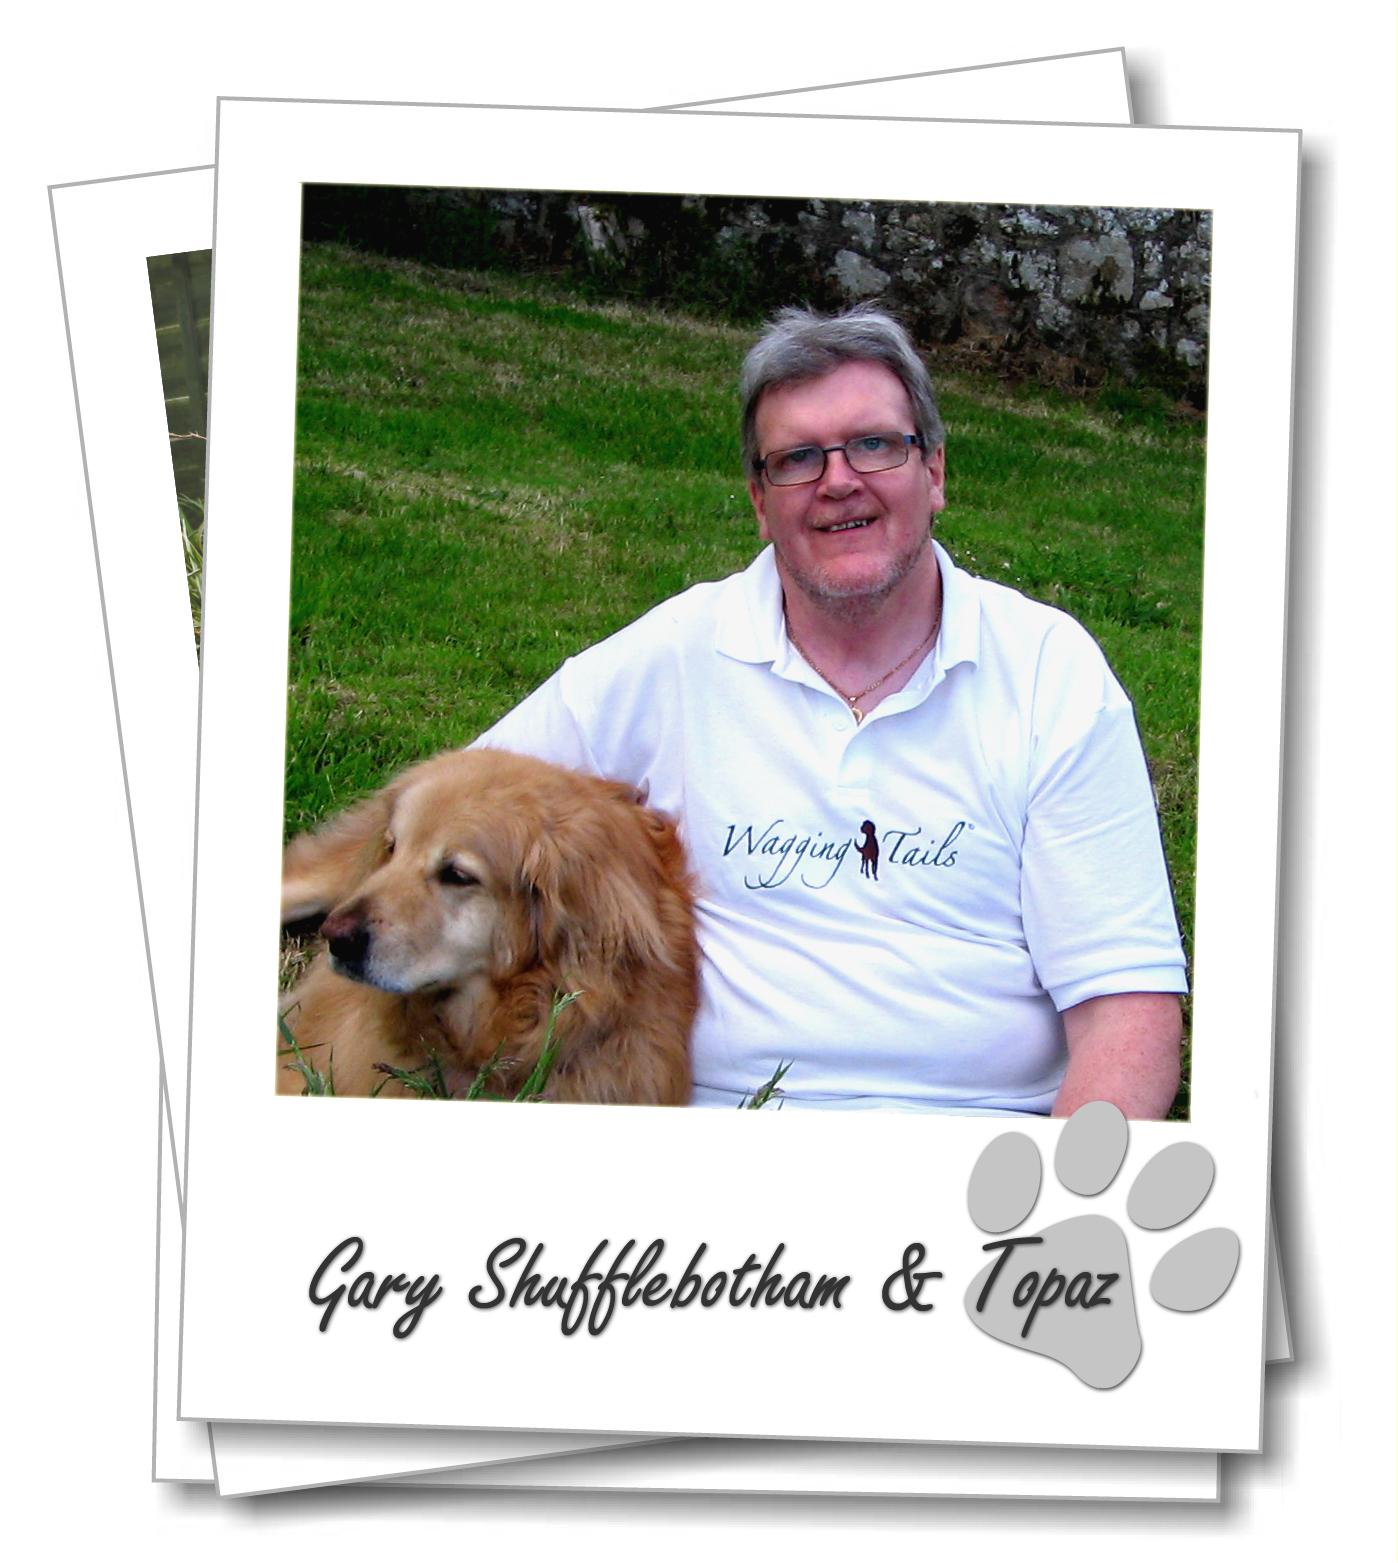 Gary Shufflebotham and Topaz